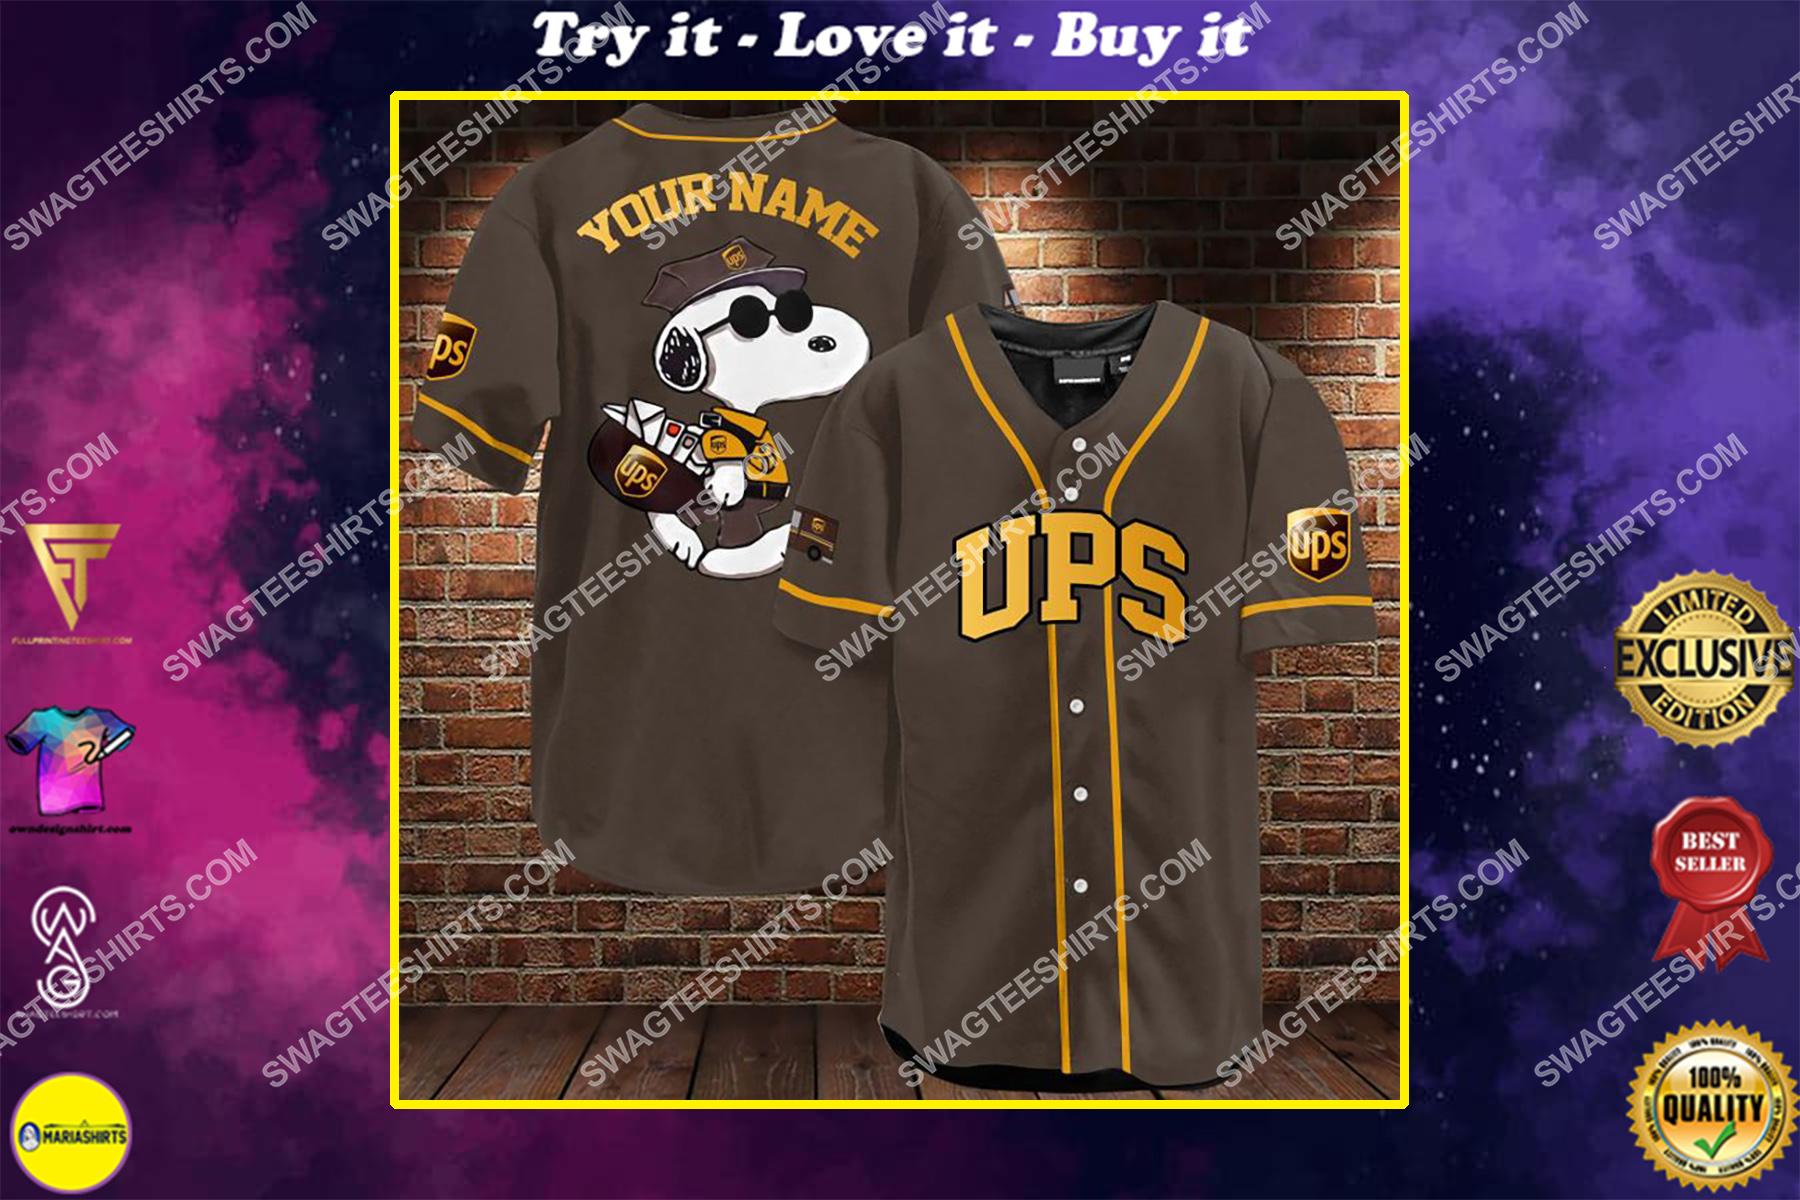 custom name snoopy and ups all over printed baseball shirt